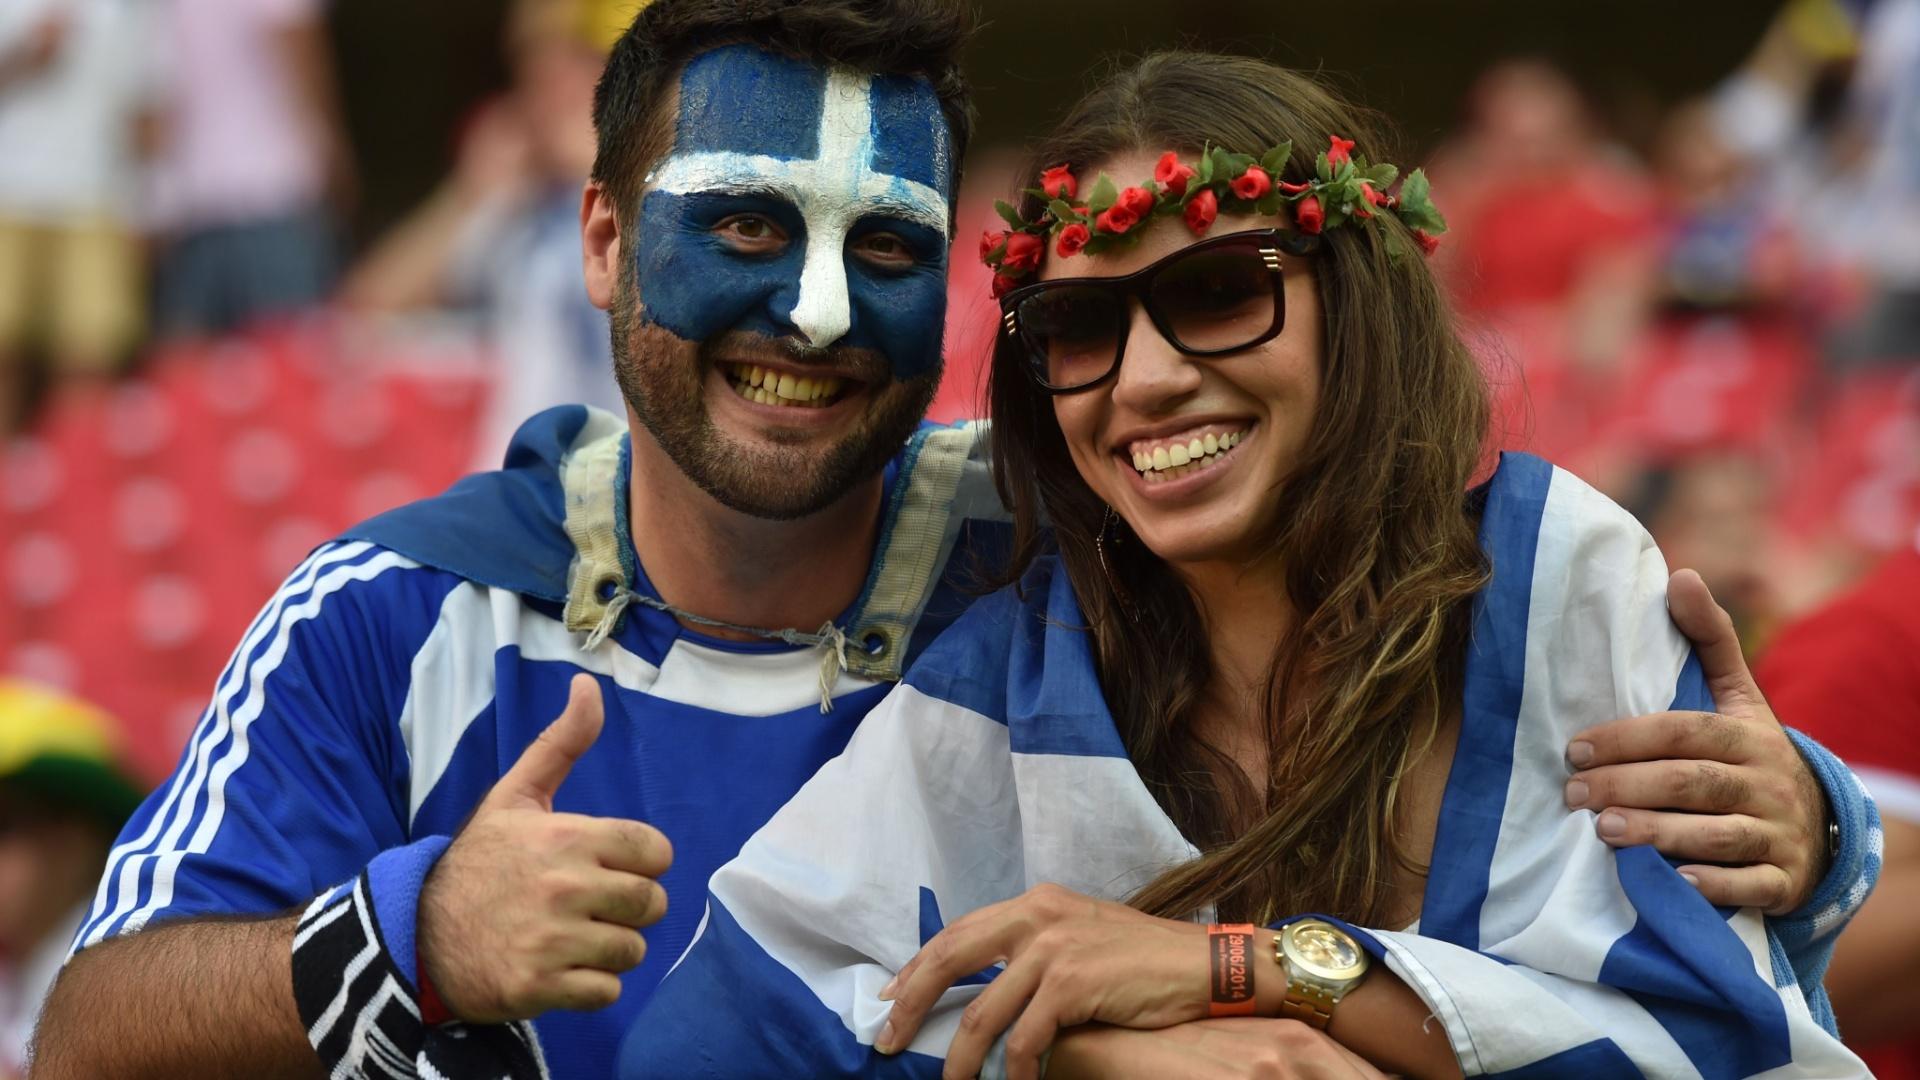 Torcedores gregos na Arena Pernambuco para o jogo contra a Costa Rica, pelas oitavas de final